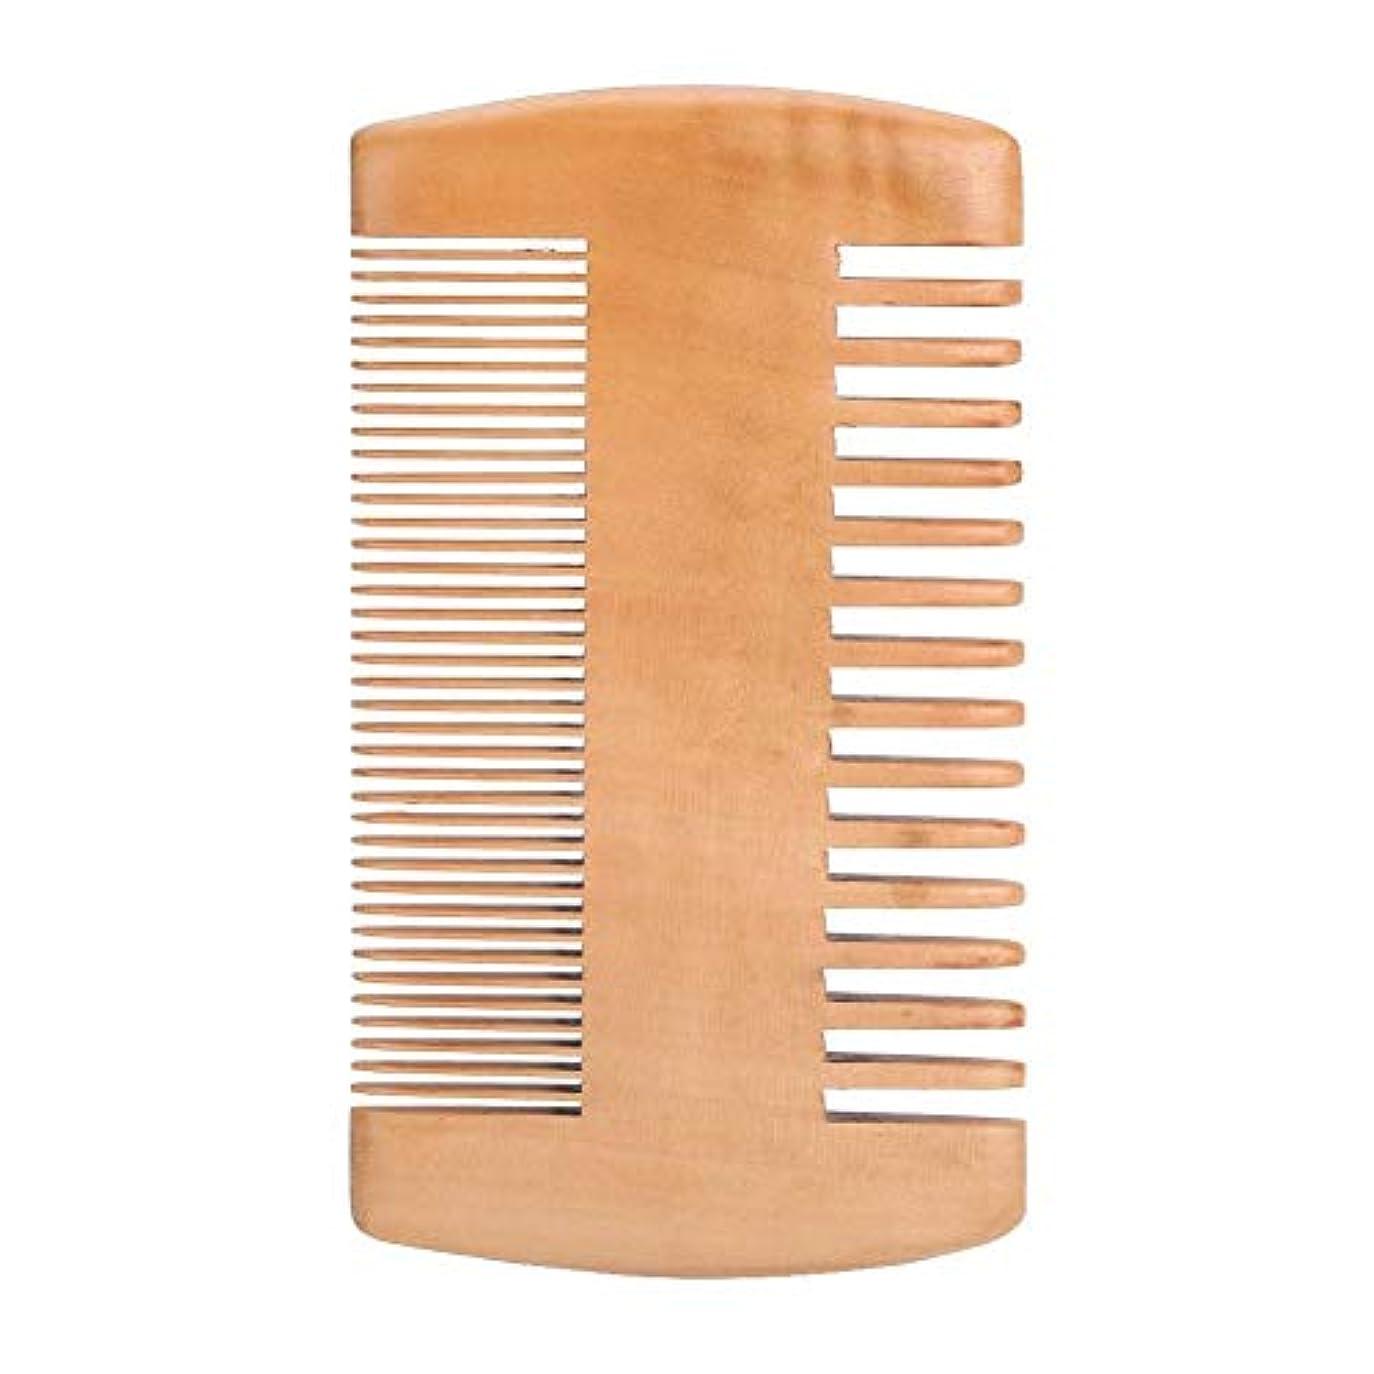 ソブリケットブレス消去木製の抗静的ひげポケット櫛